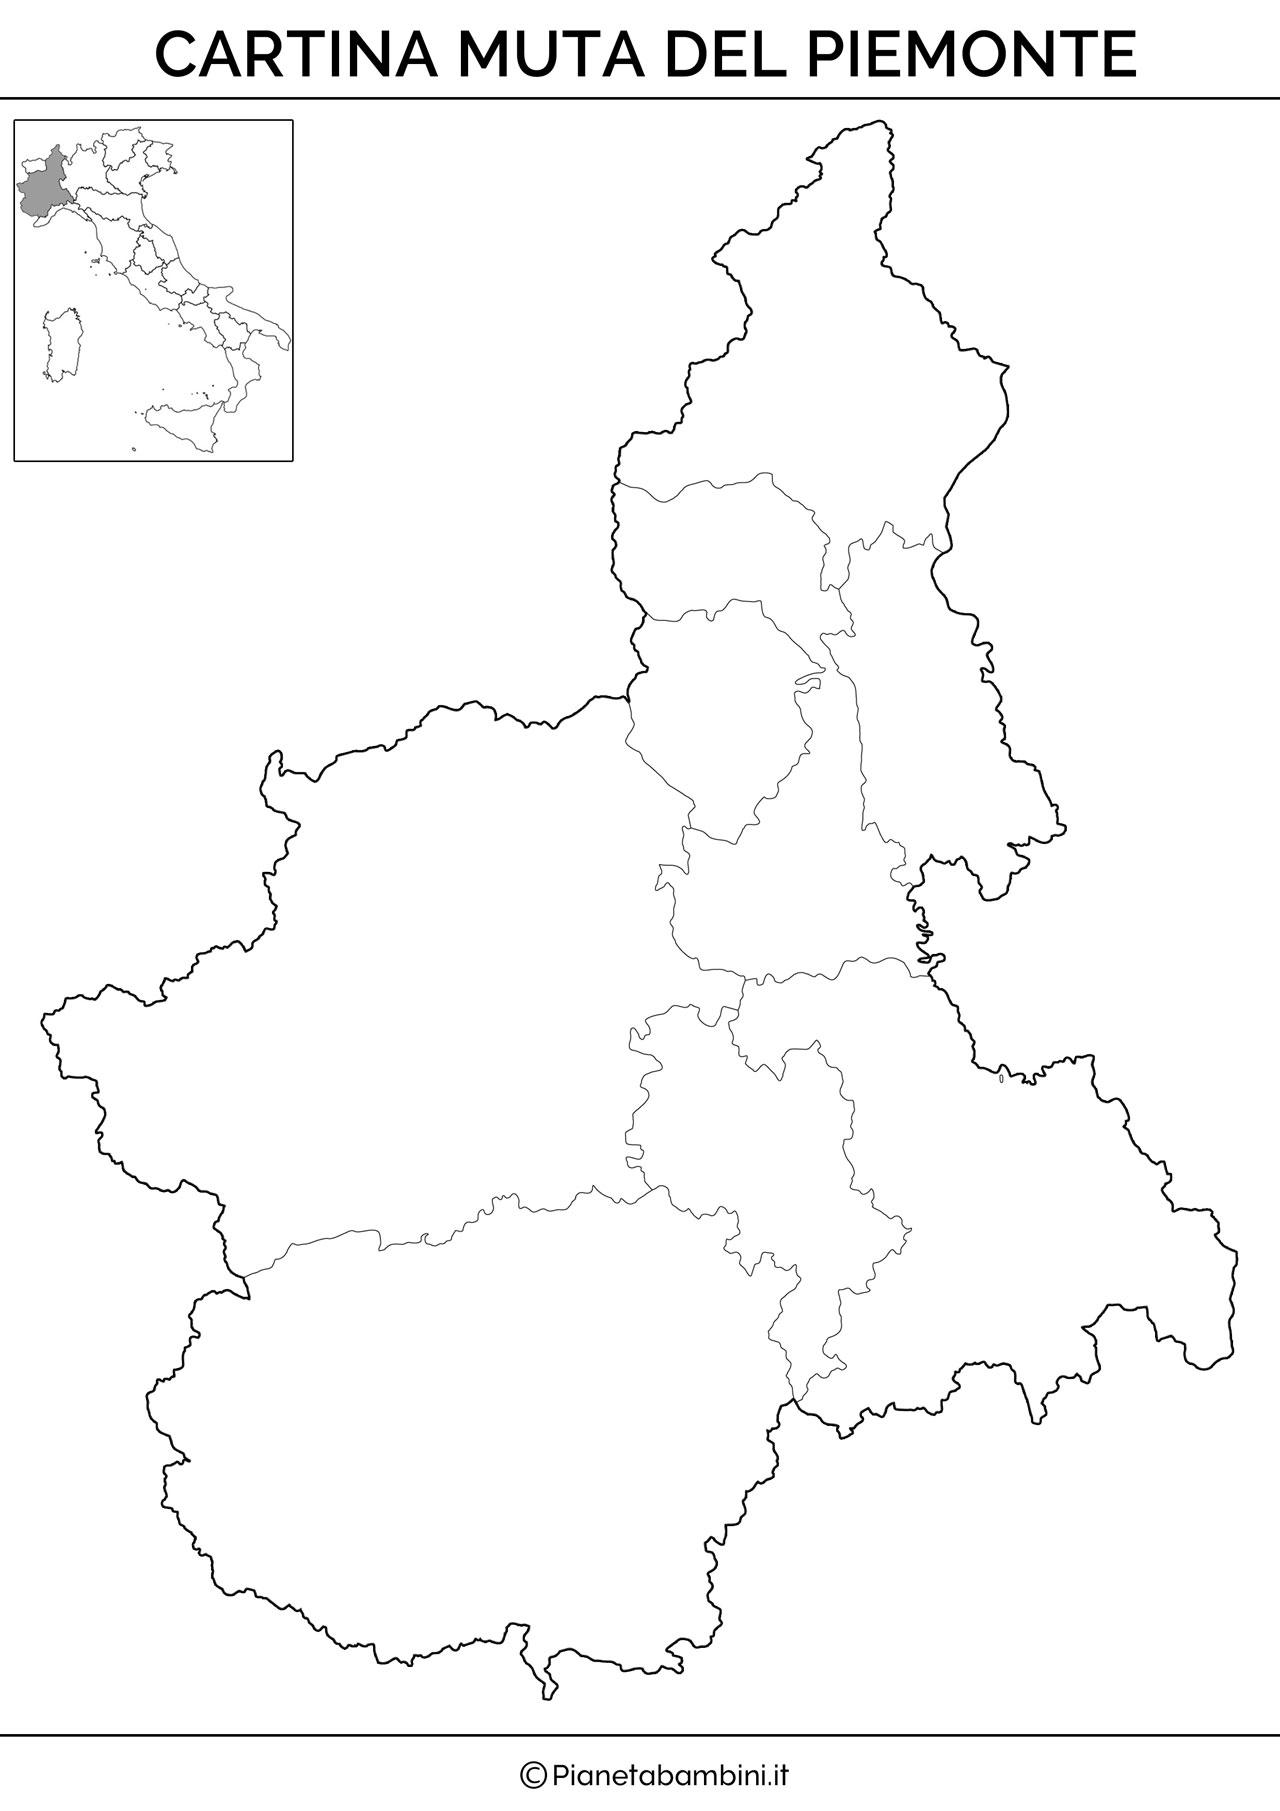 Eccezionale Cartina Muta, Fisica e Politica del Piemonte da Stampare  FV11